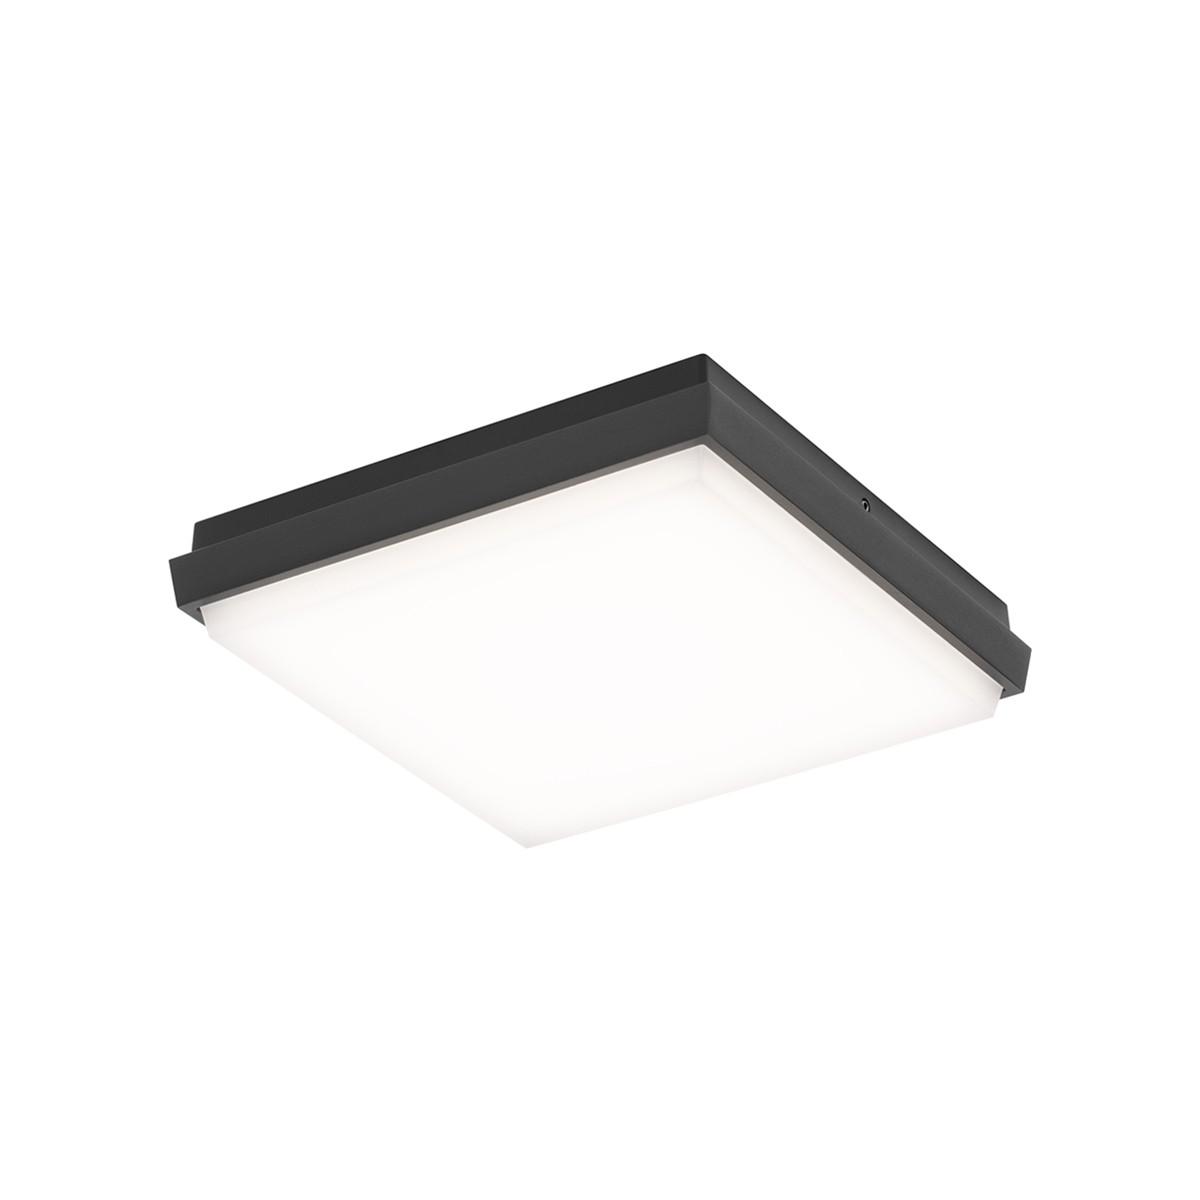 LCD Außenleuchten 5060/5061/5062 LED Wand- / Deckenleuchte, 17,5 x 17,5 cm, graphit